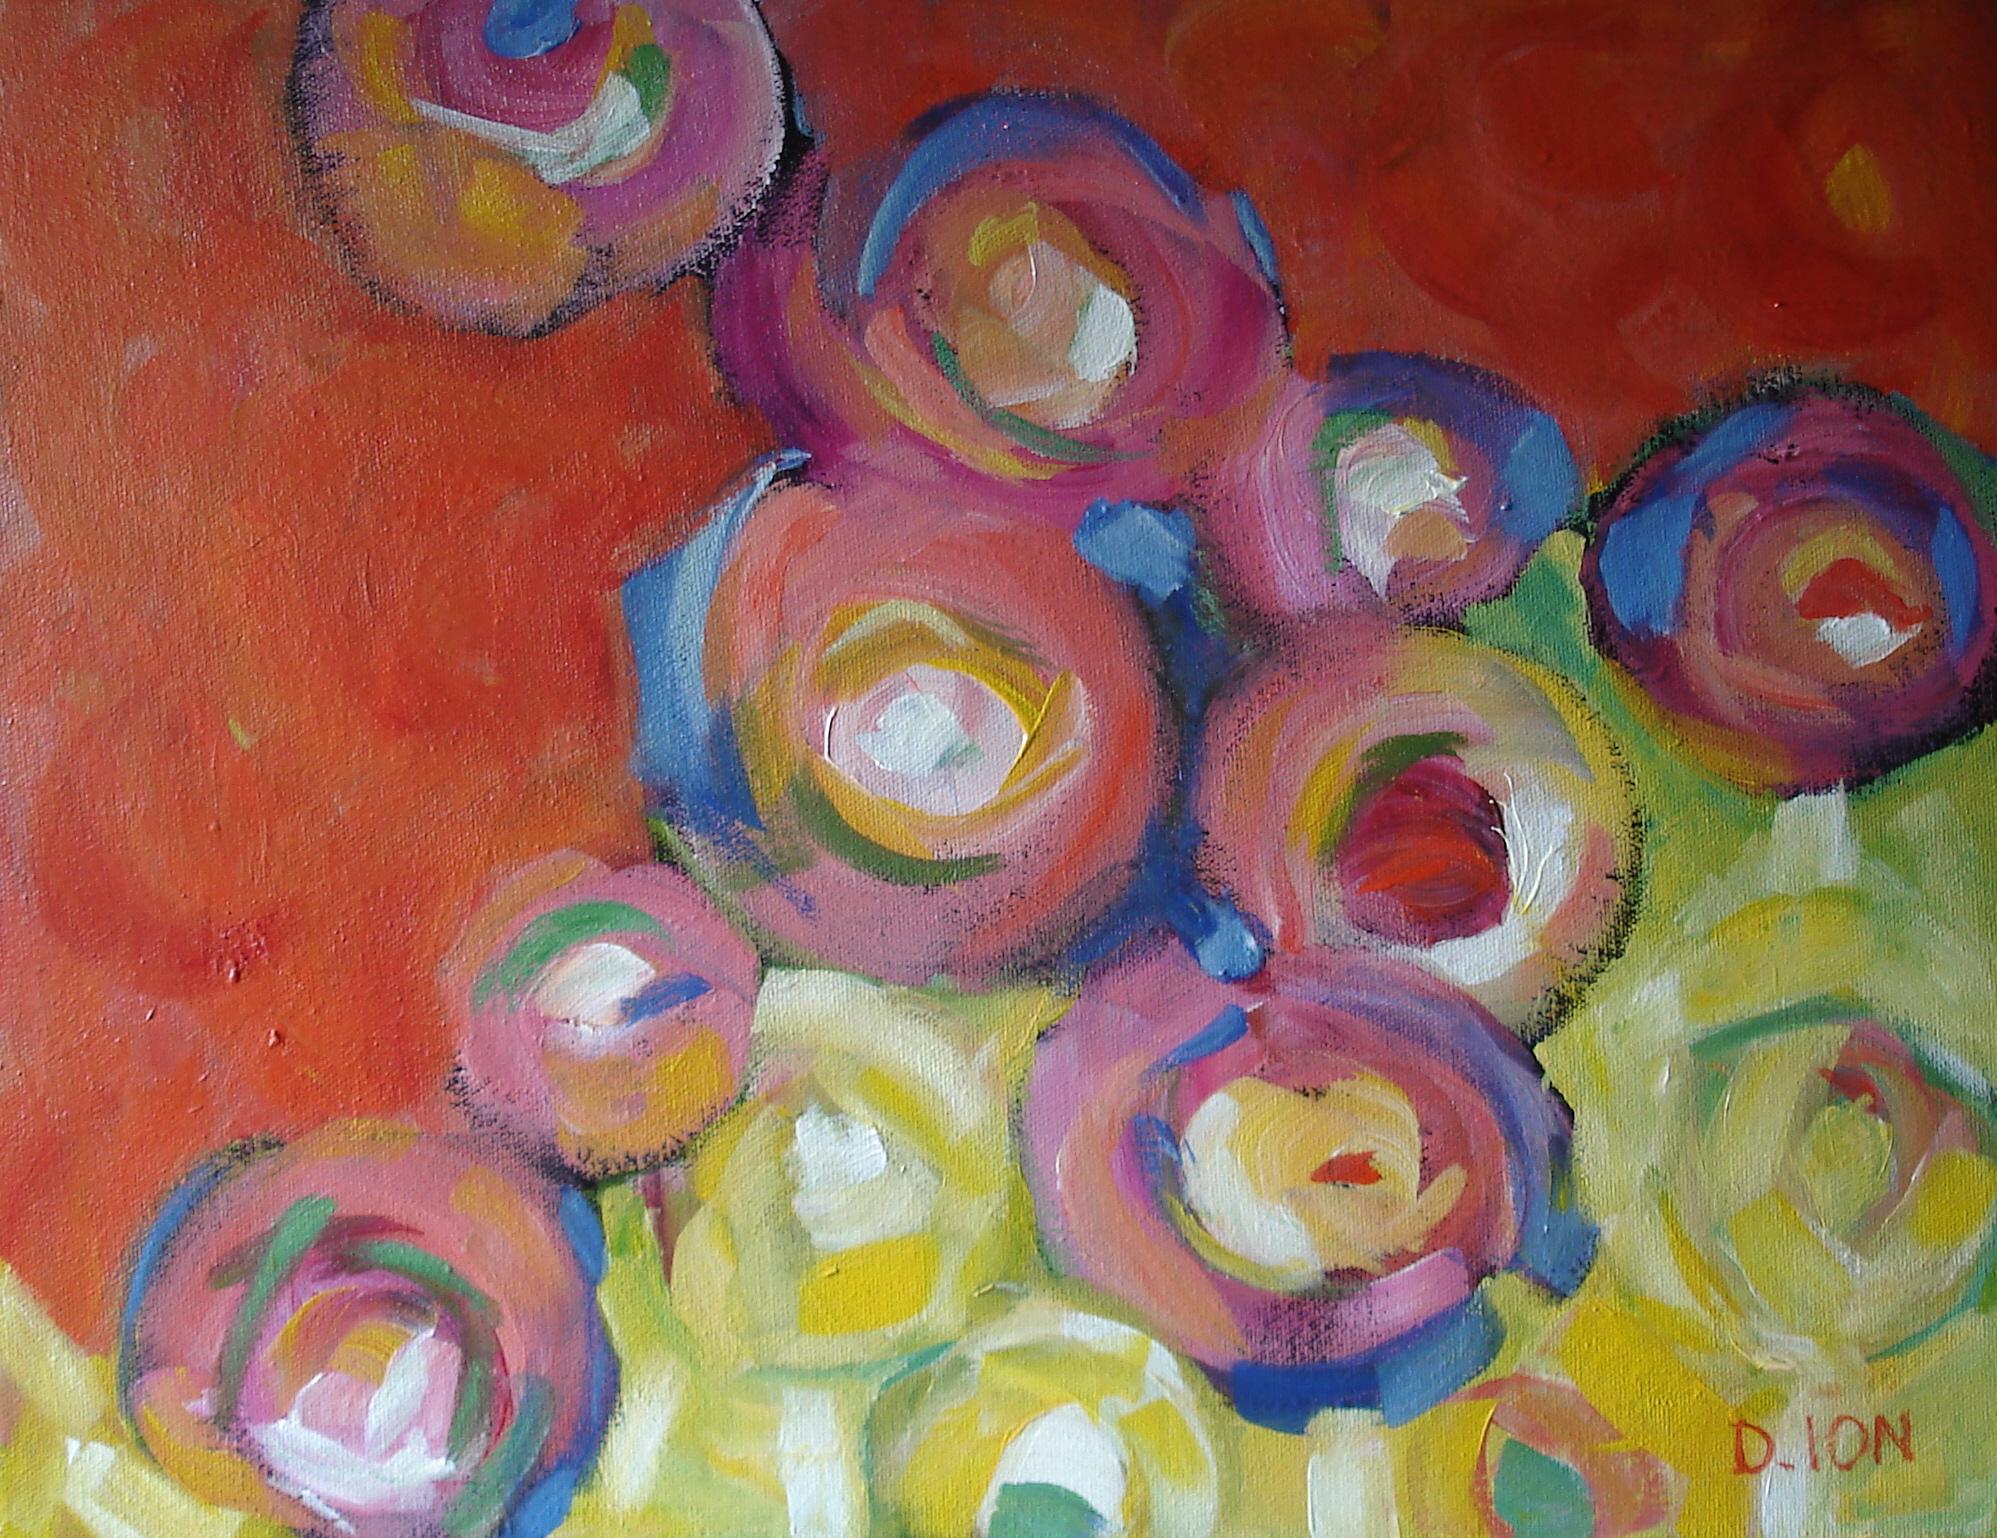 Circles #2